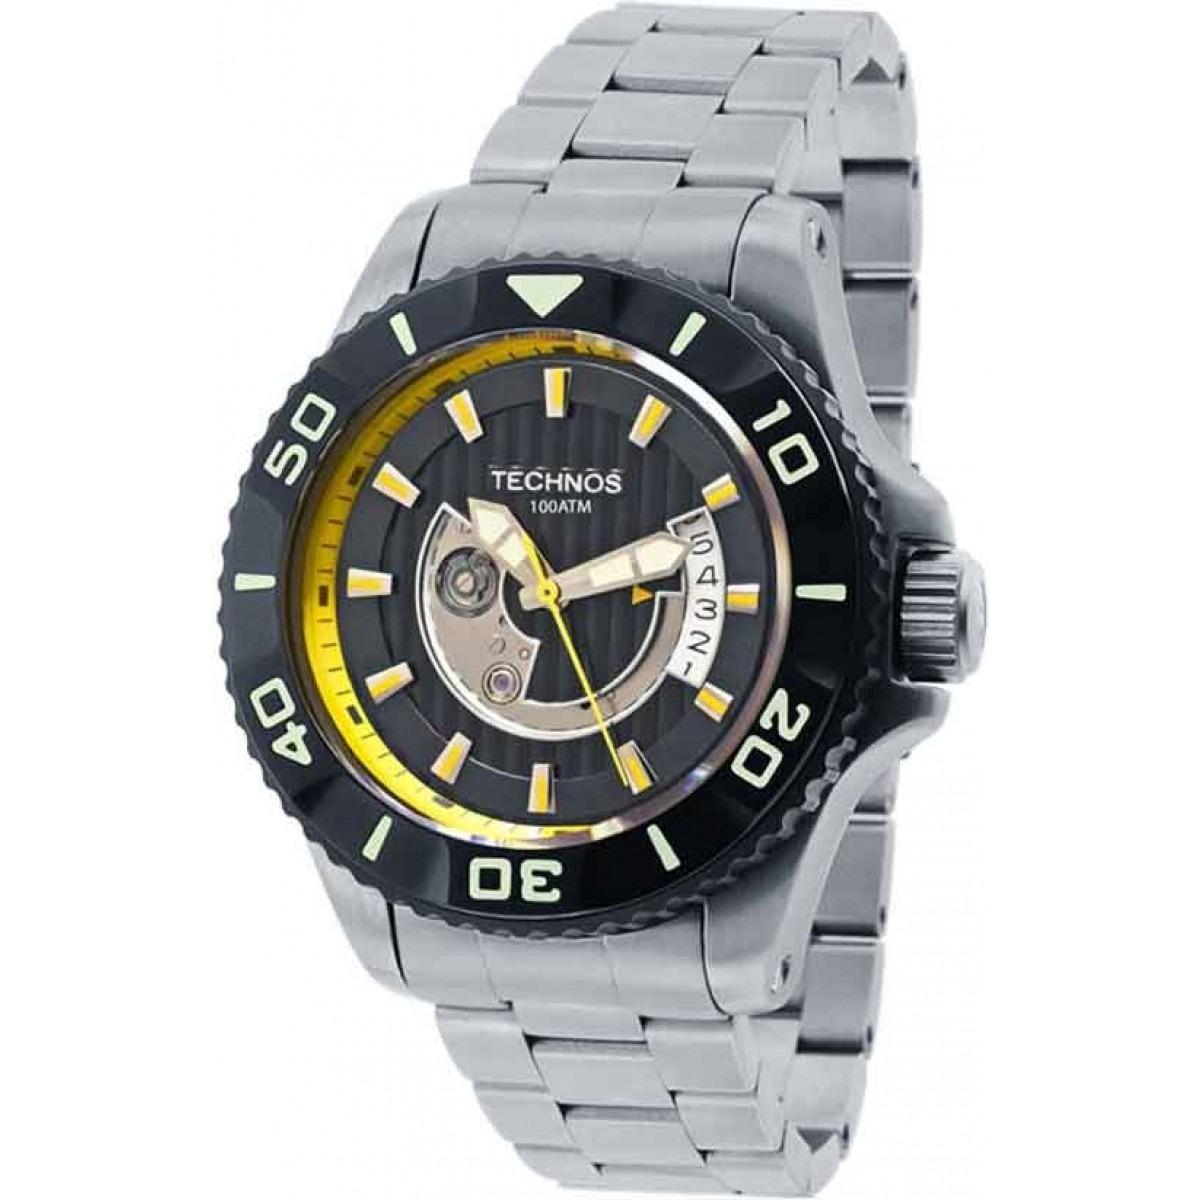 885faf95e02 relógio technos masculino automático titânio acqua 8215ah 5y. Carregando  zoom.